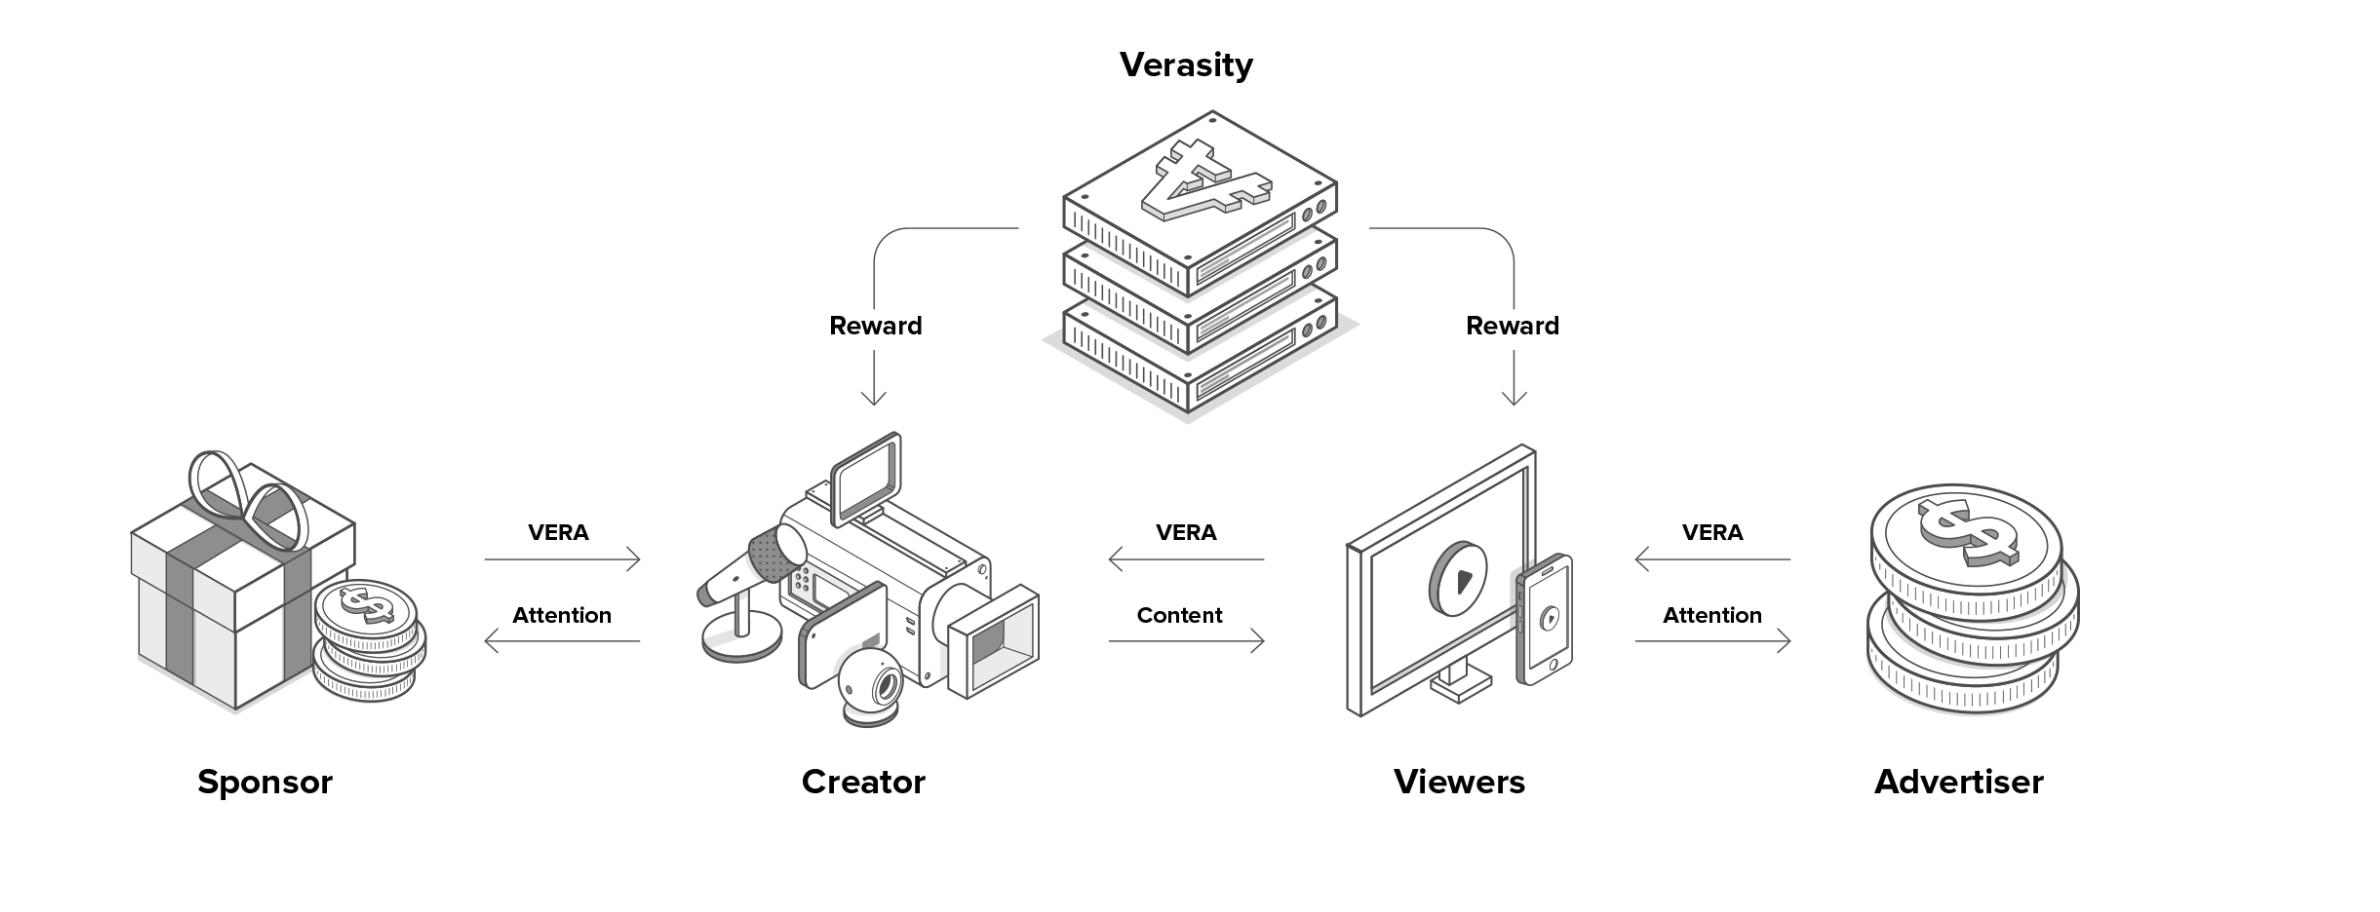 Verasity(VRA) ICO